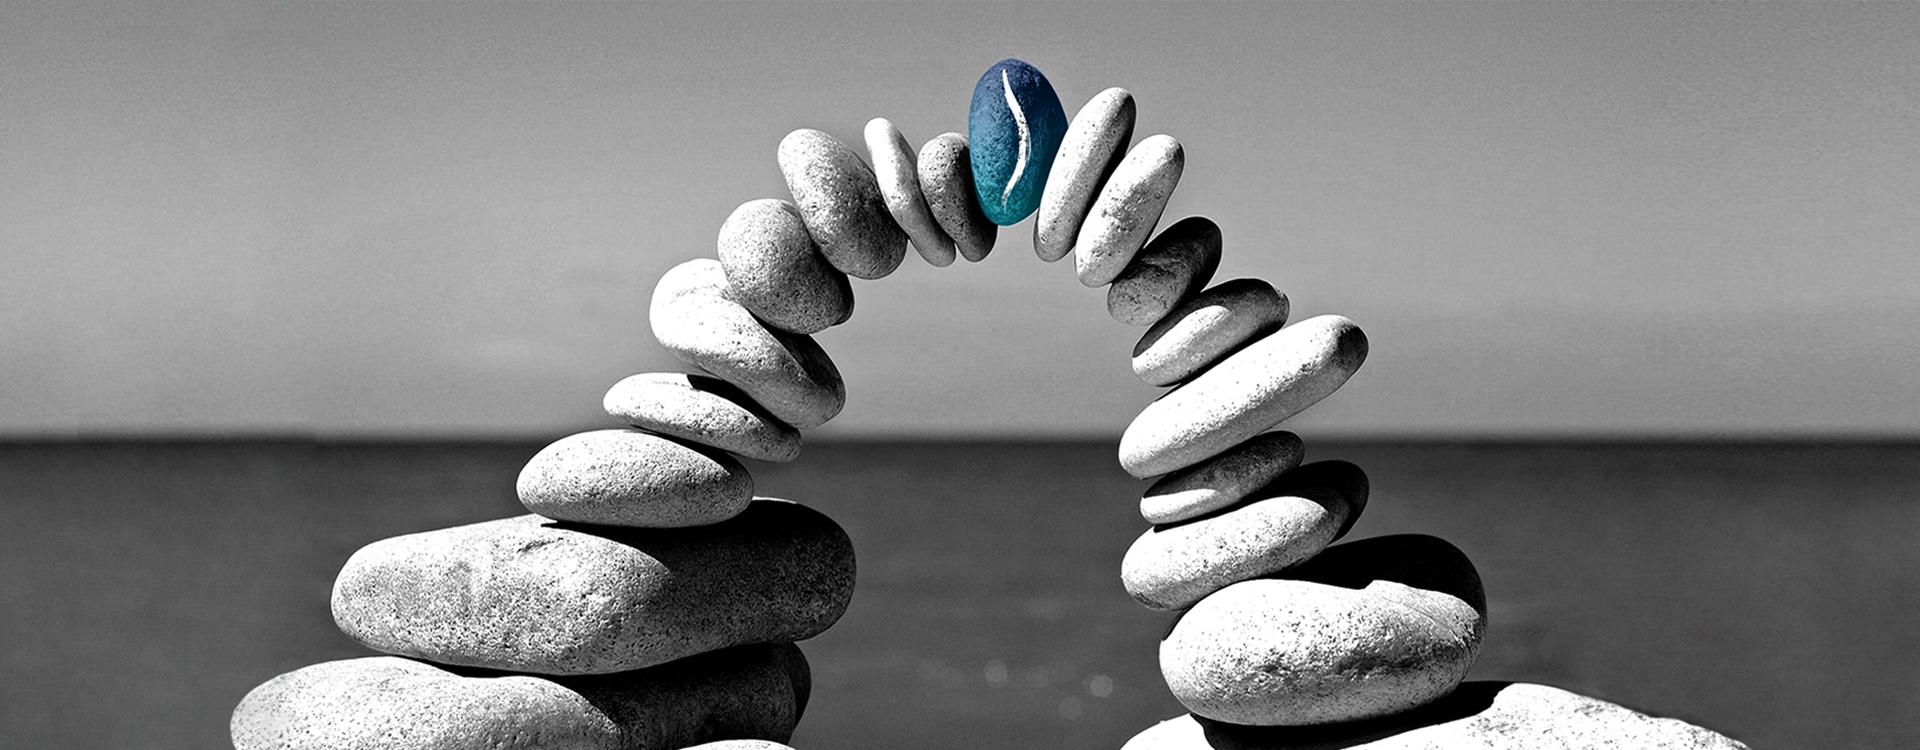 Pedres equilibri-OK